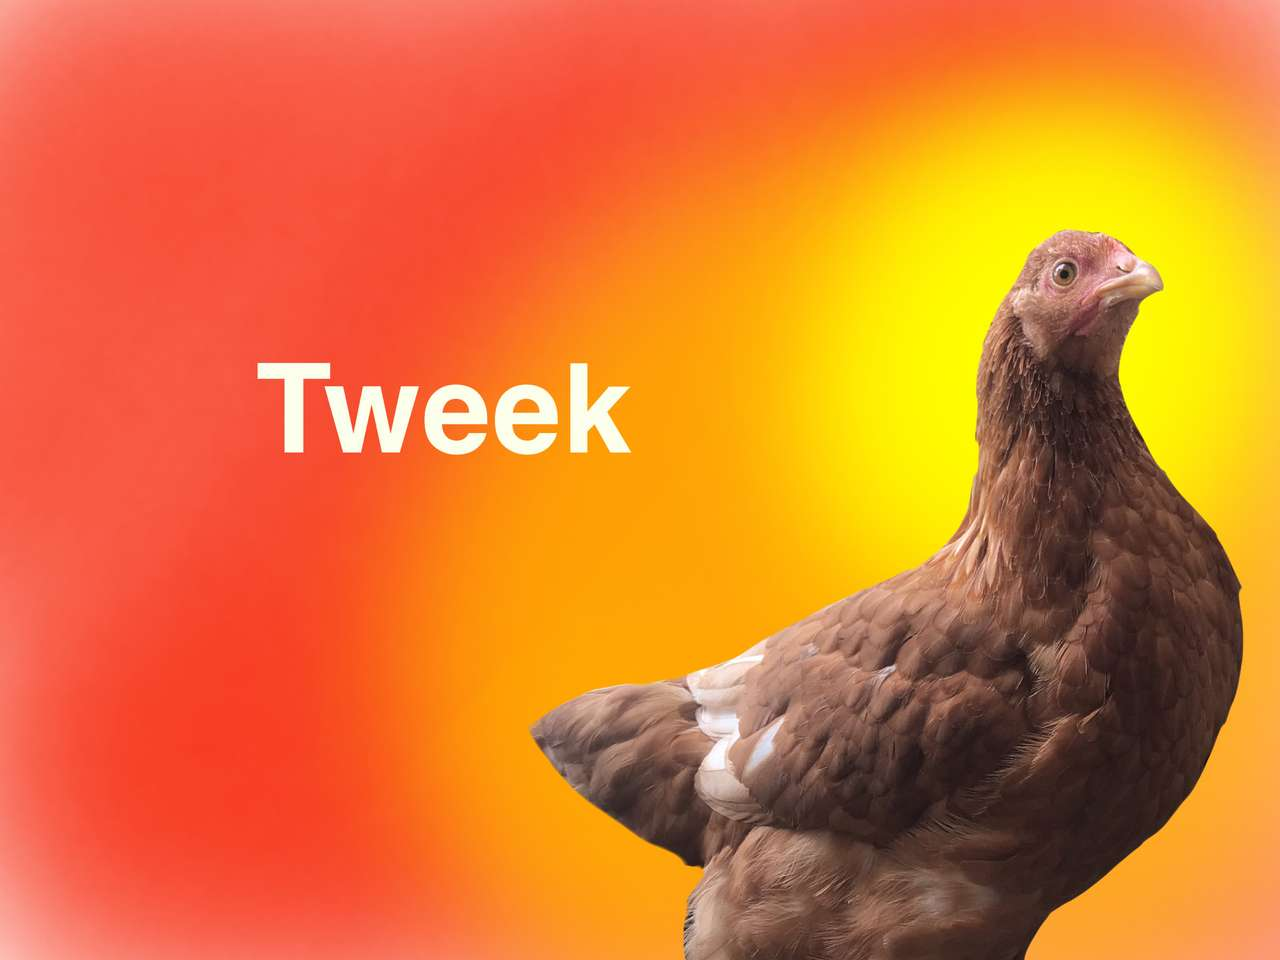 Pintos de galinha Tweek - É uma galinha marrom (12×9)